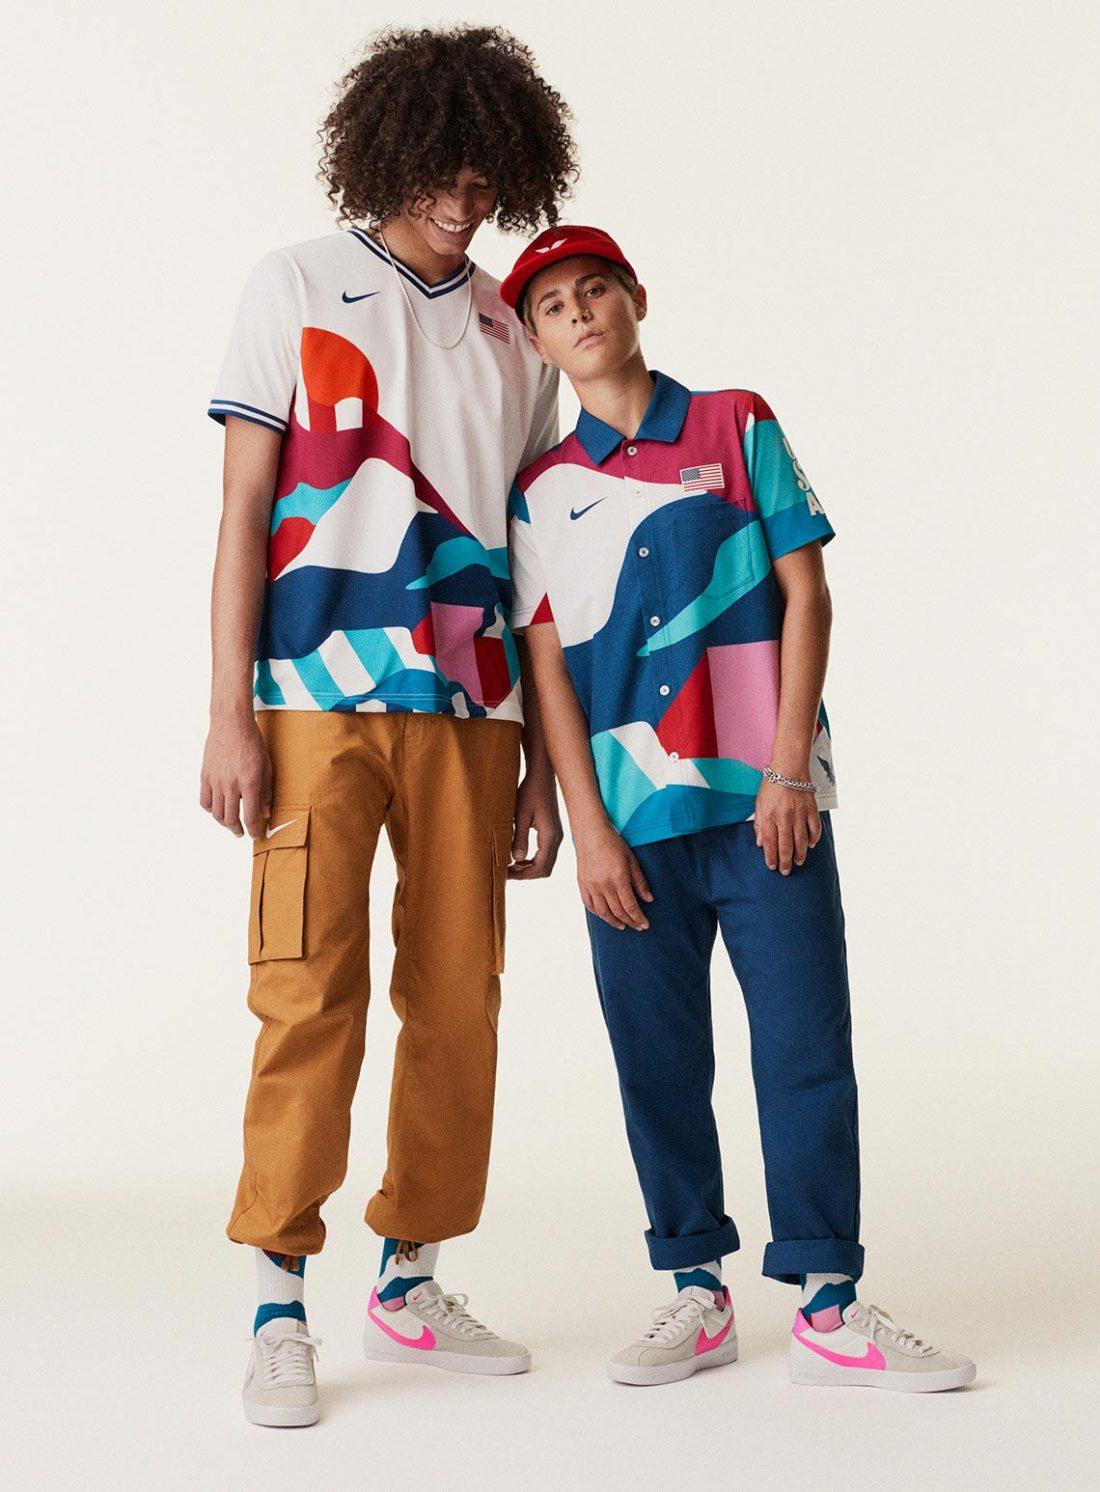 Parra x Nike SB Tokyo Olympics Collection Le Site de la